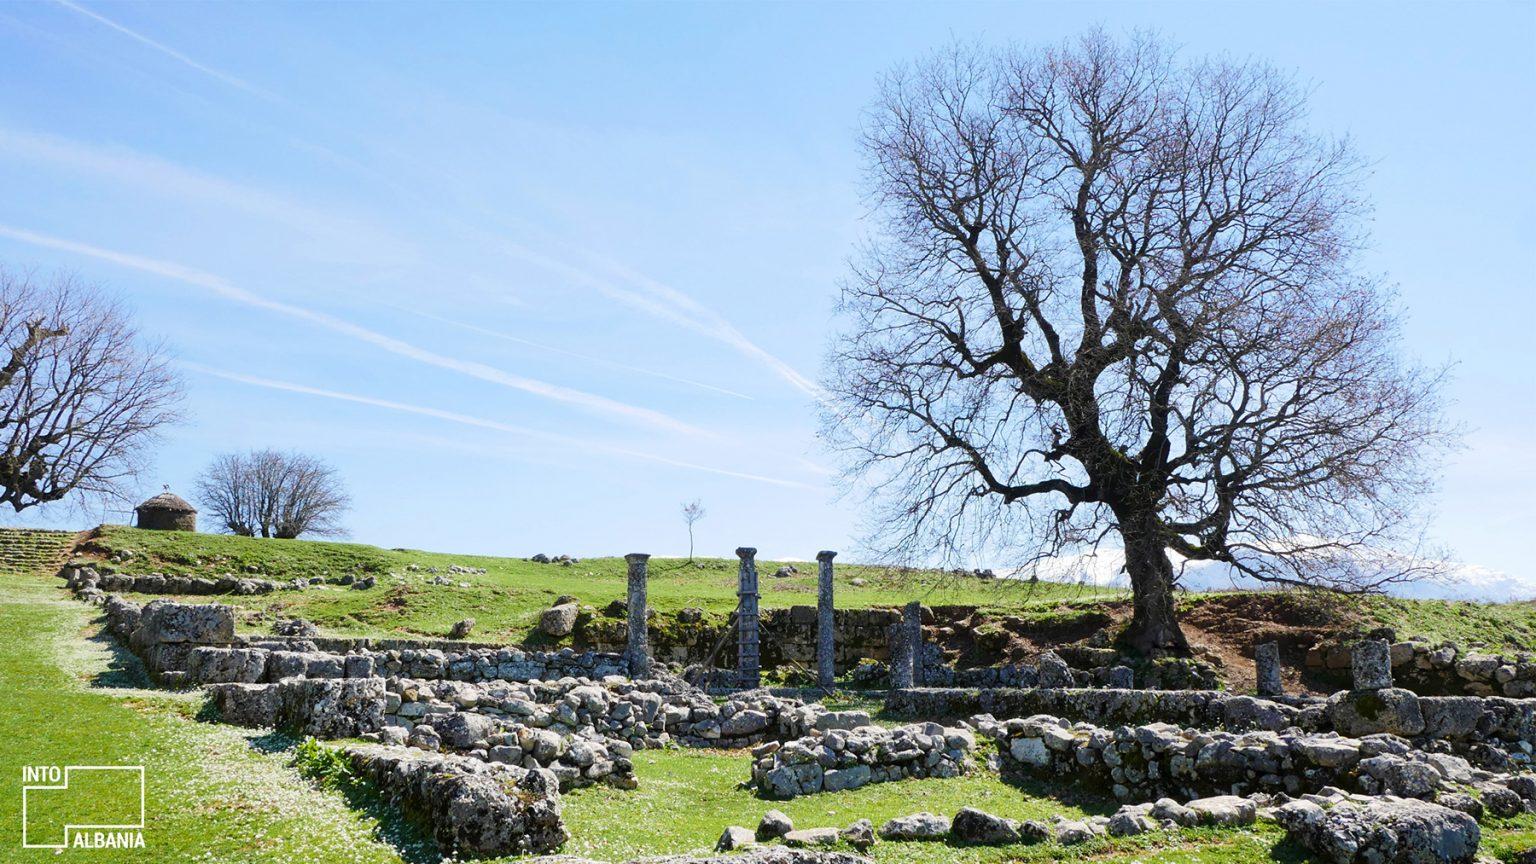 Archeological Park of Antigoena, Gjirokastra, photo by IntoAlbania